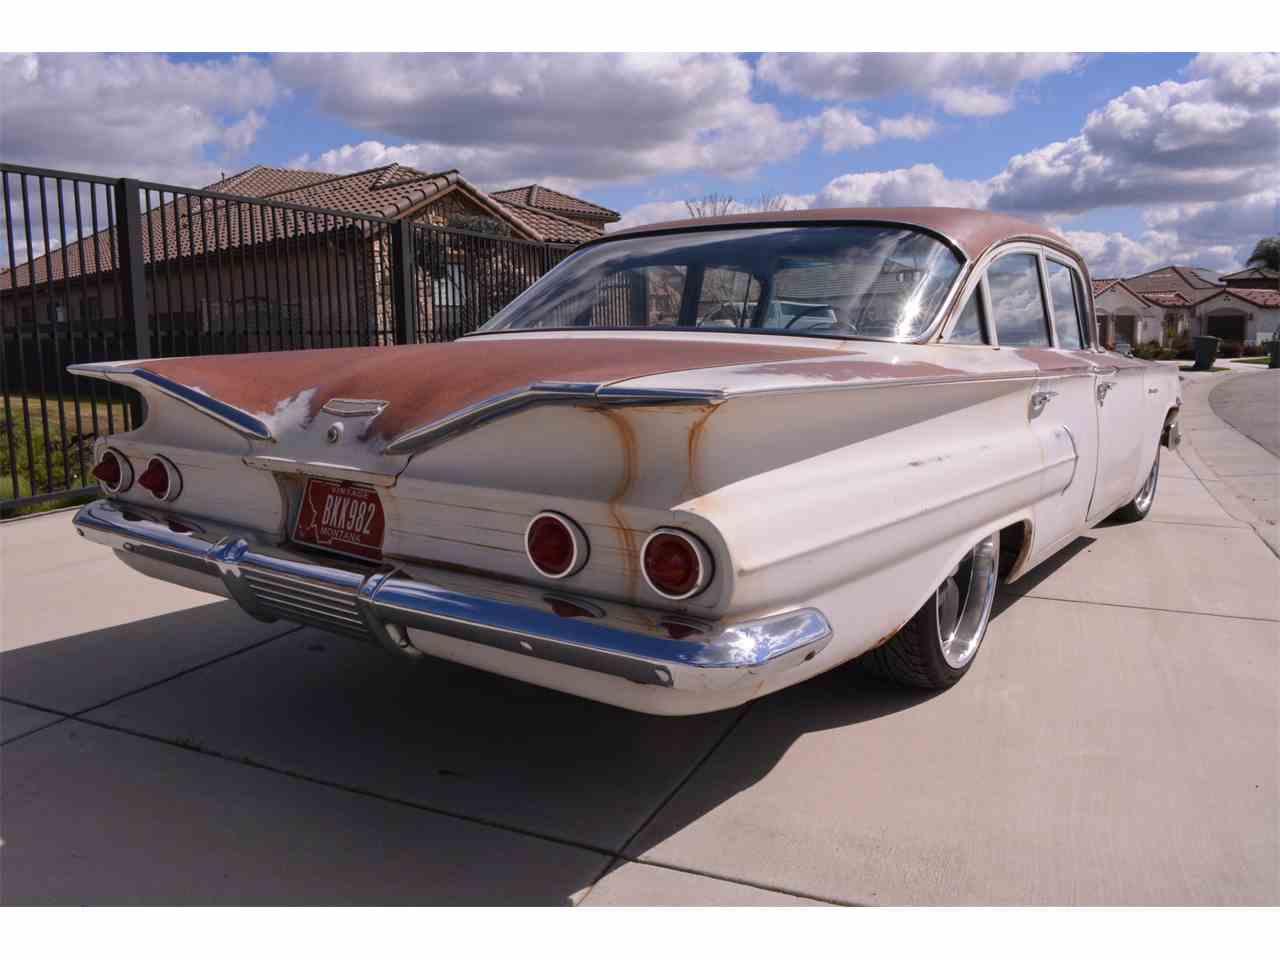 Visalia Car Dealers >> 1960 Chevrolet Biscayne for Sale | ClassicCars.com | CC-964587